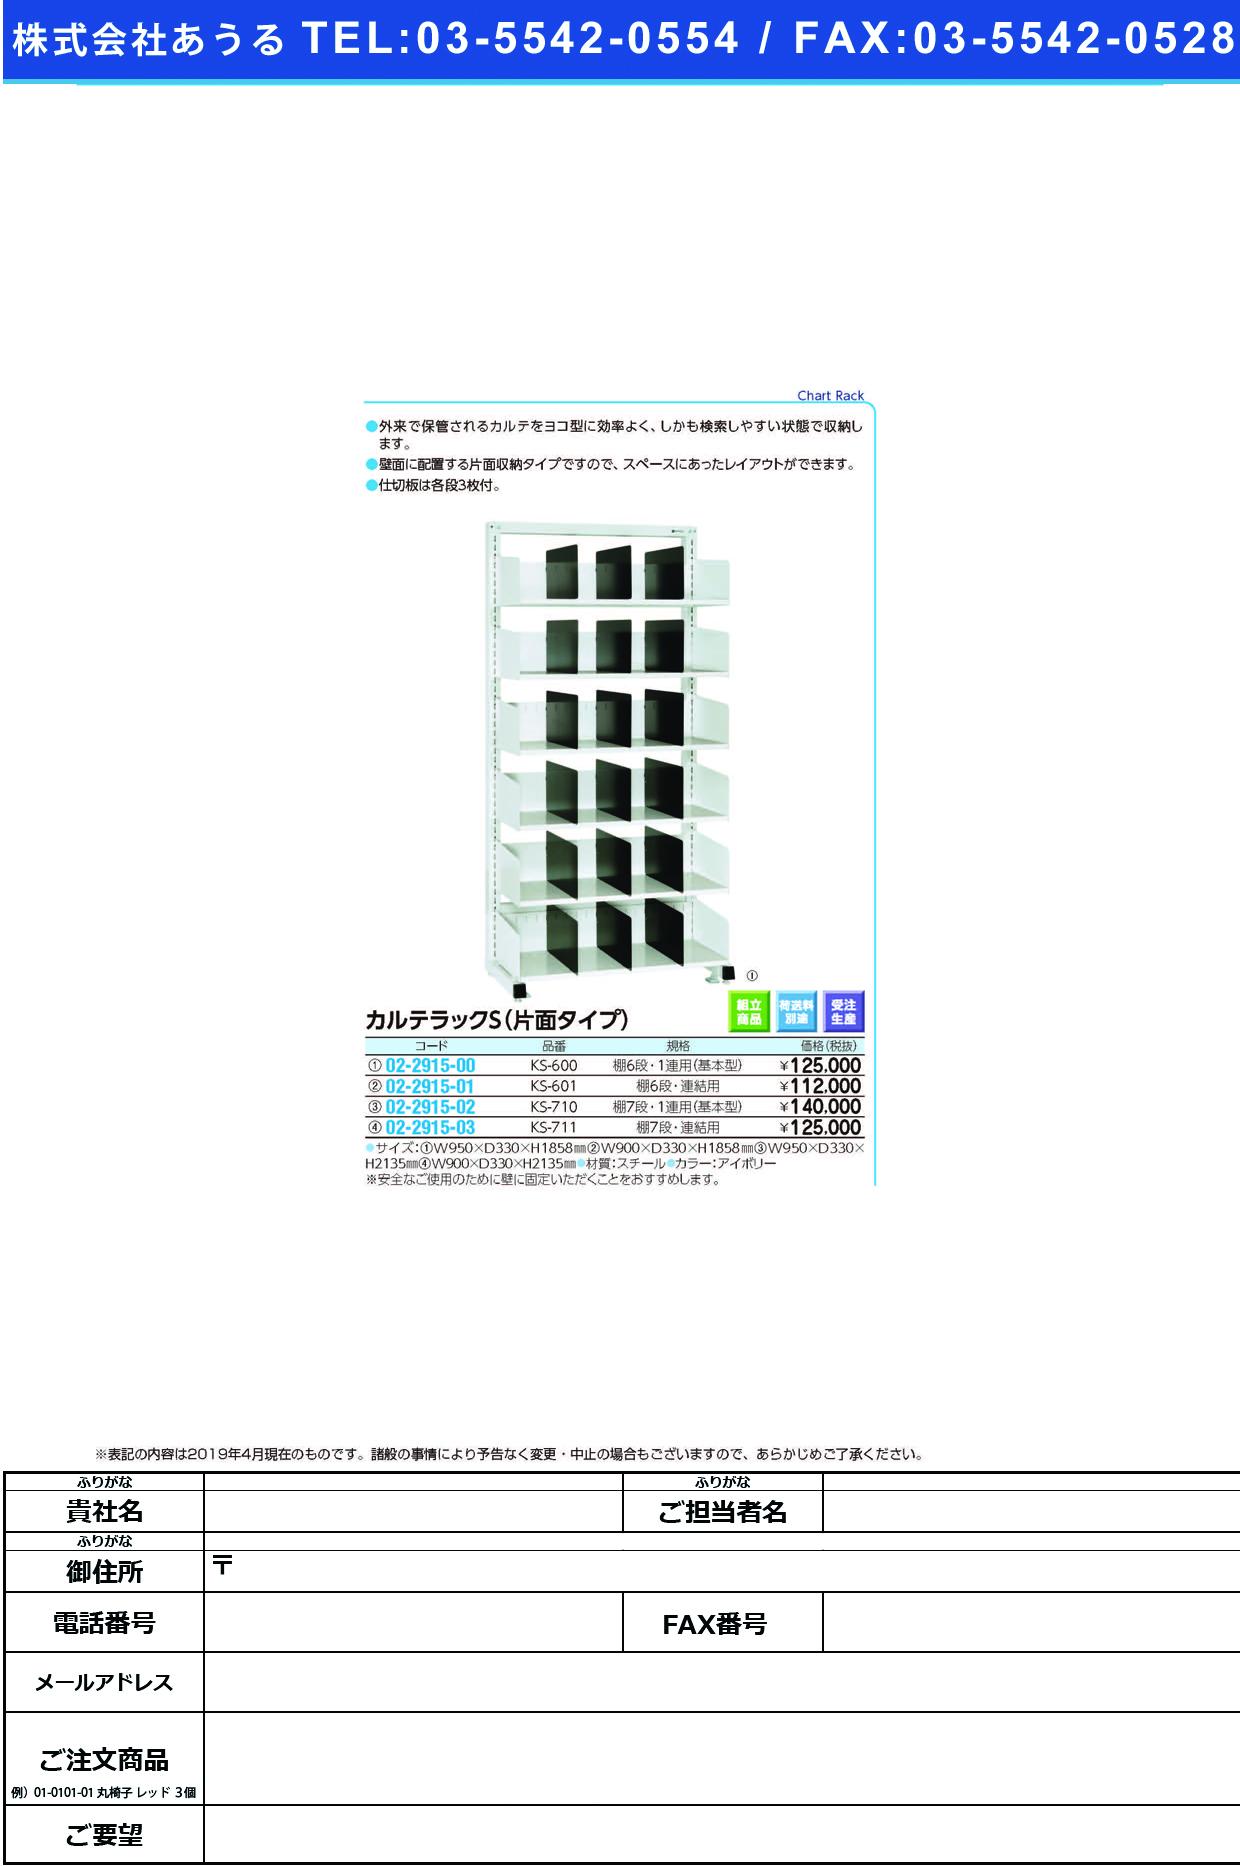 (02-2915-02)カルテラックS(片面型) KS-710(7ダン・1レンヨウ) カルテラックS(カタメンガタ)(ケルン)【1台単位】【2019年カタログ商品】